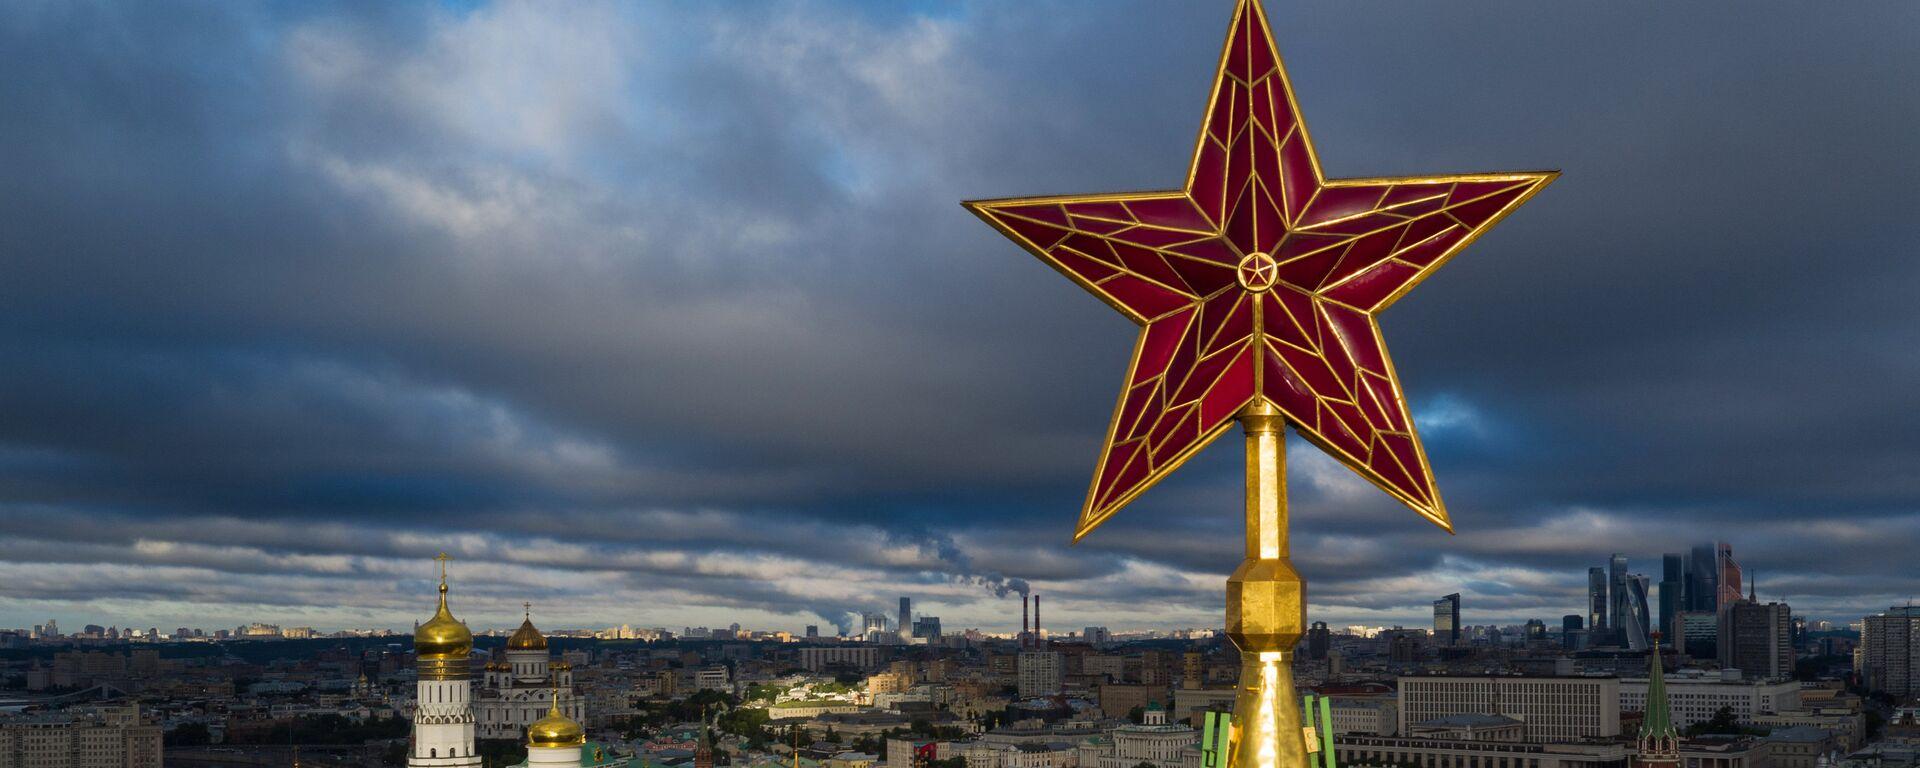 Звезда на Спасской башне Московского Кремля. - Sputnik Латвия, 1920, 22.06.2021